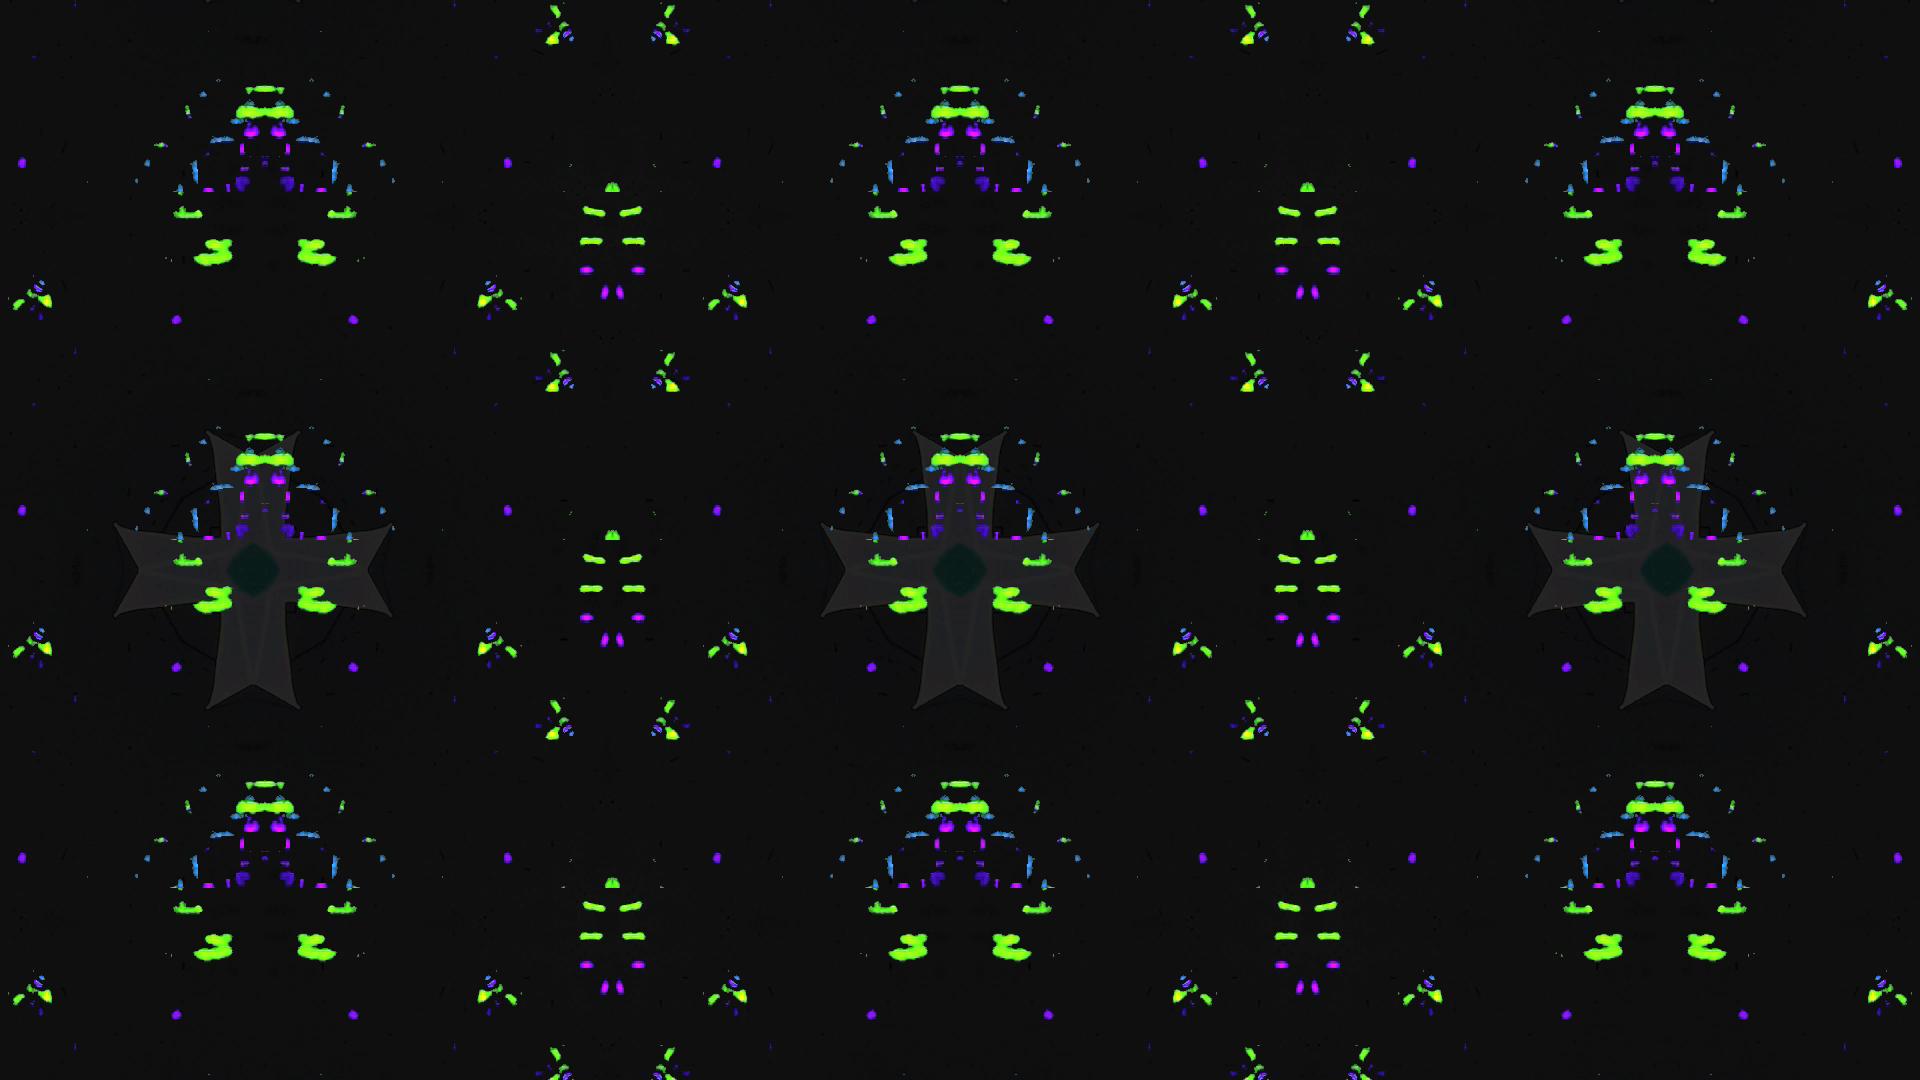 beads-2-andrew-rosinski-1